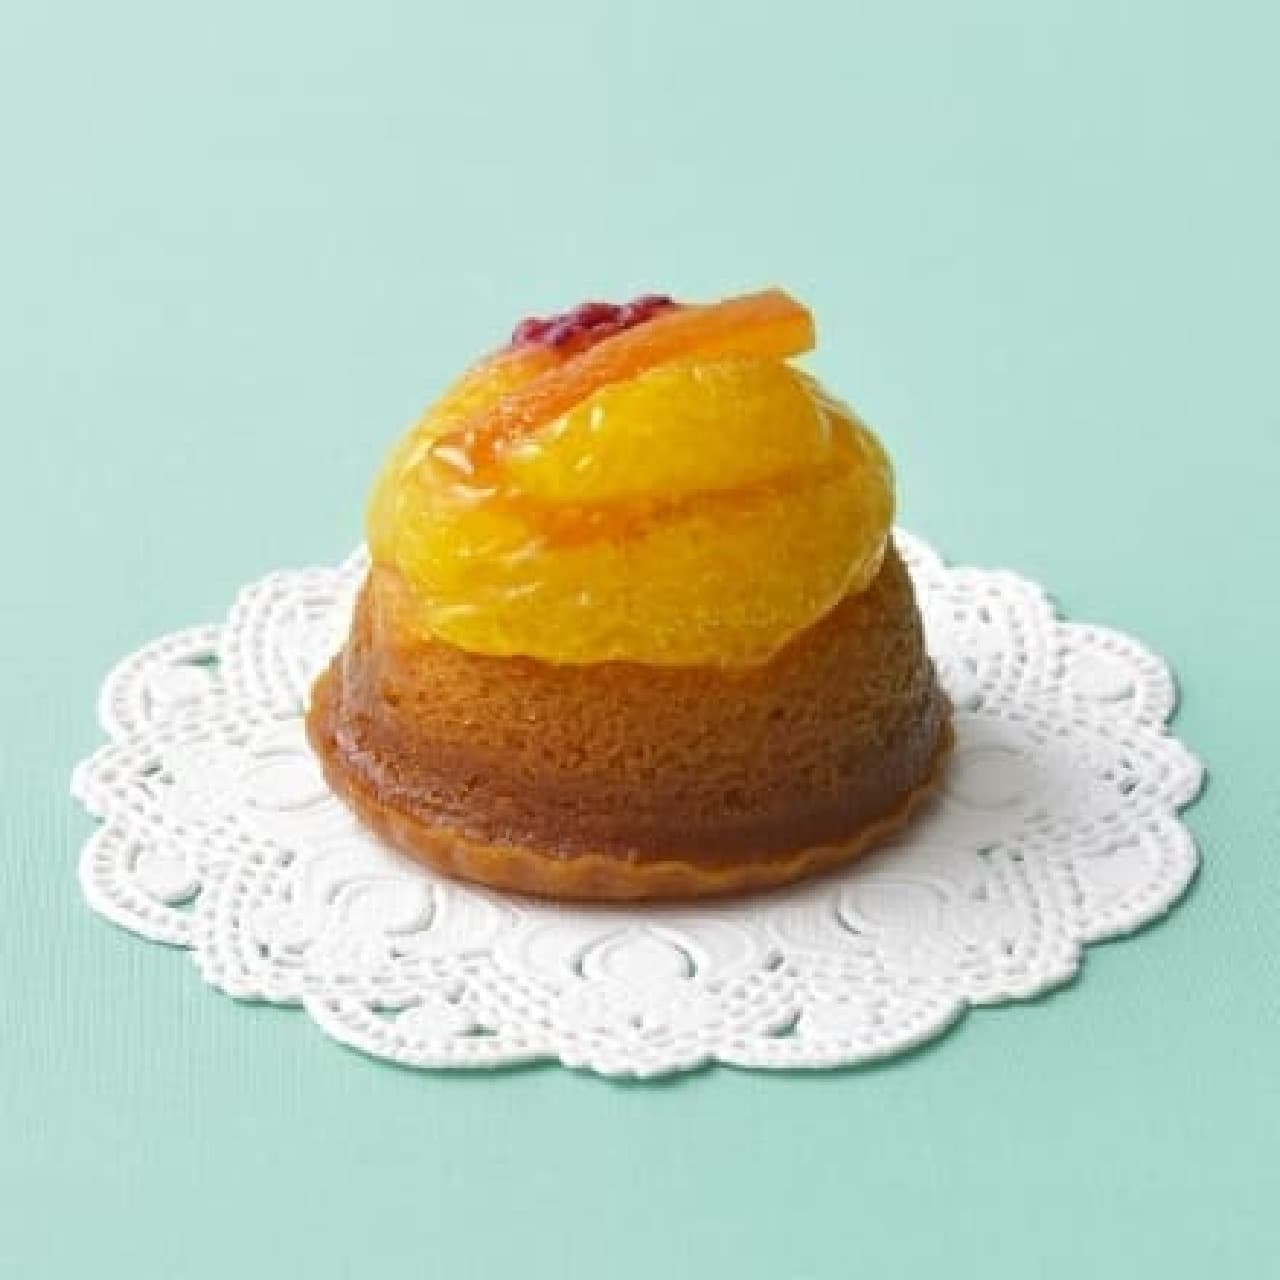 銀座コージーコーナー「サバラン風ケーキ」